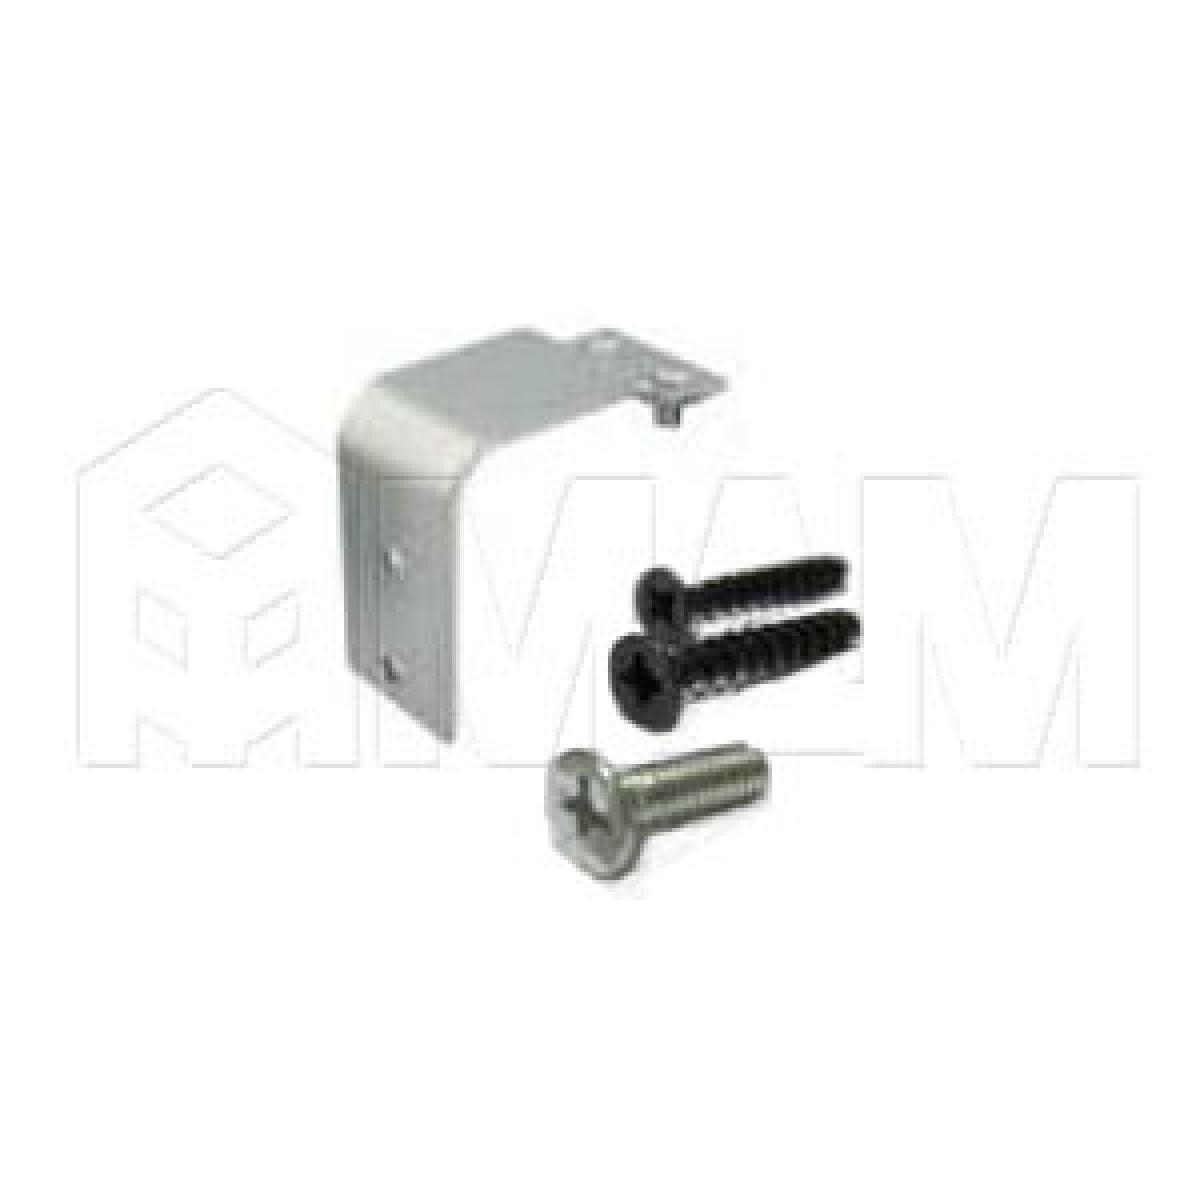 Softspace двухстор. крепление для внешн. двери до 28 мм + компл. винтов и саморезов